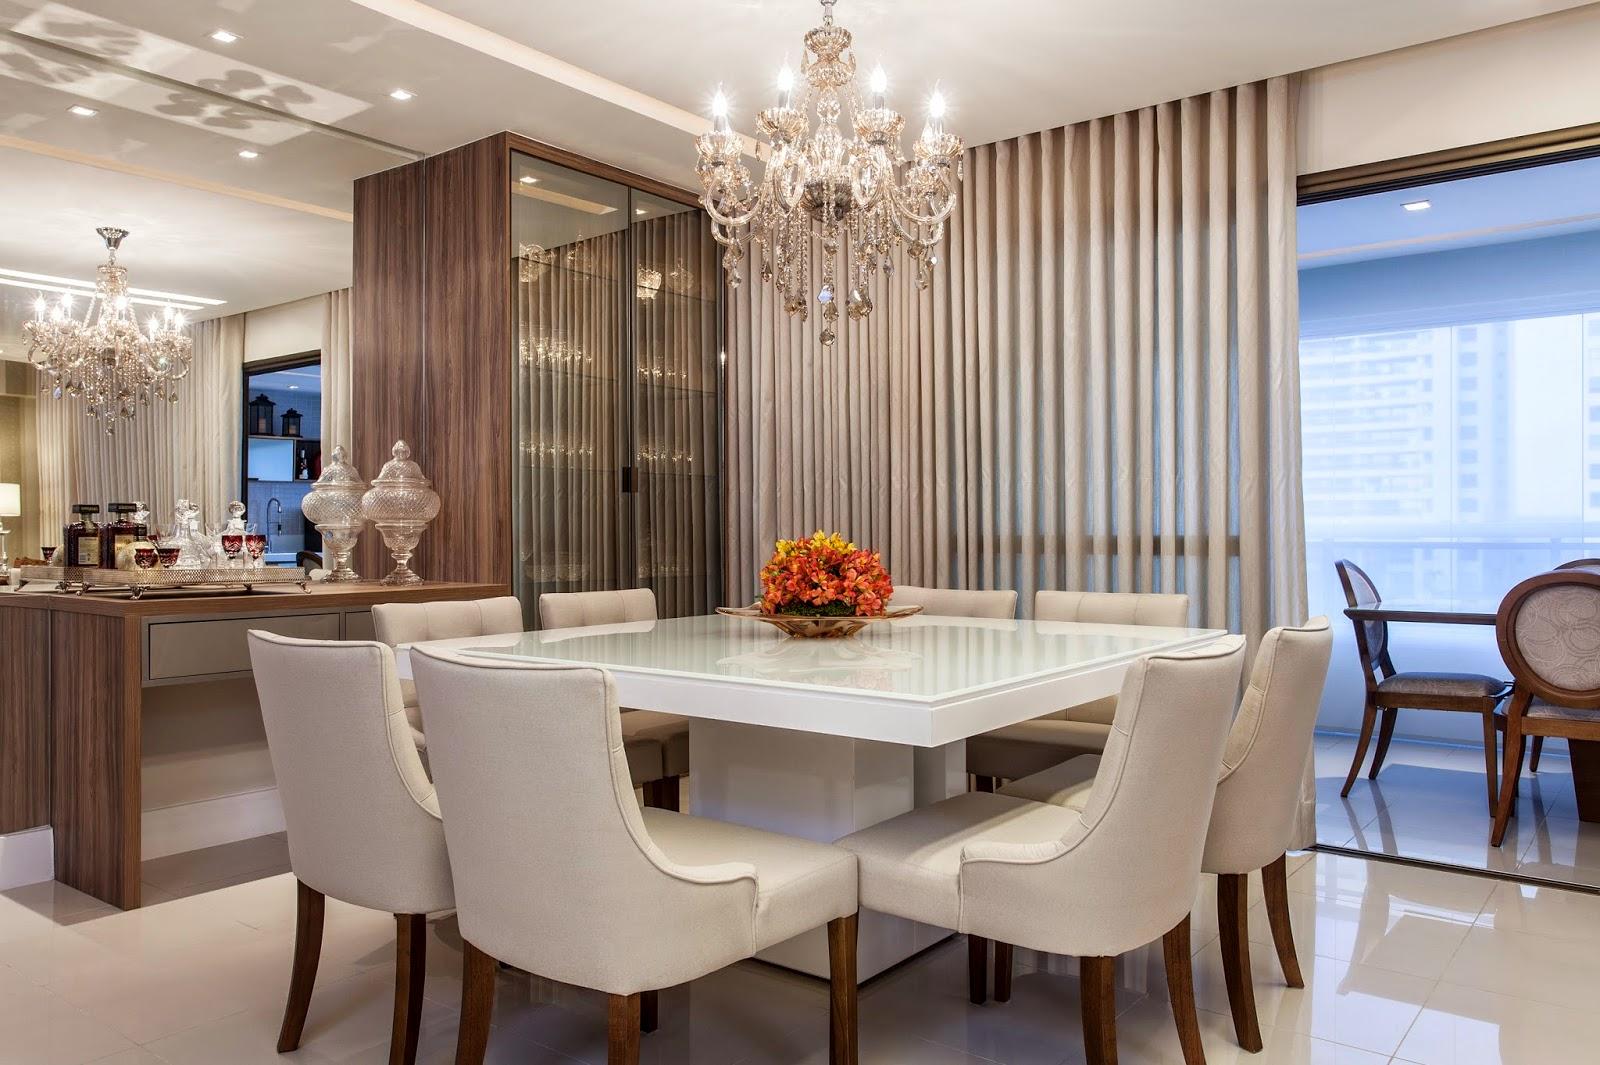 Mesas de comedor modernas 2017 todos los modelos hoy for Mesas de comedor de vidrio modernas